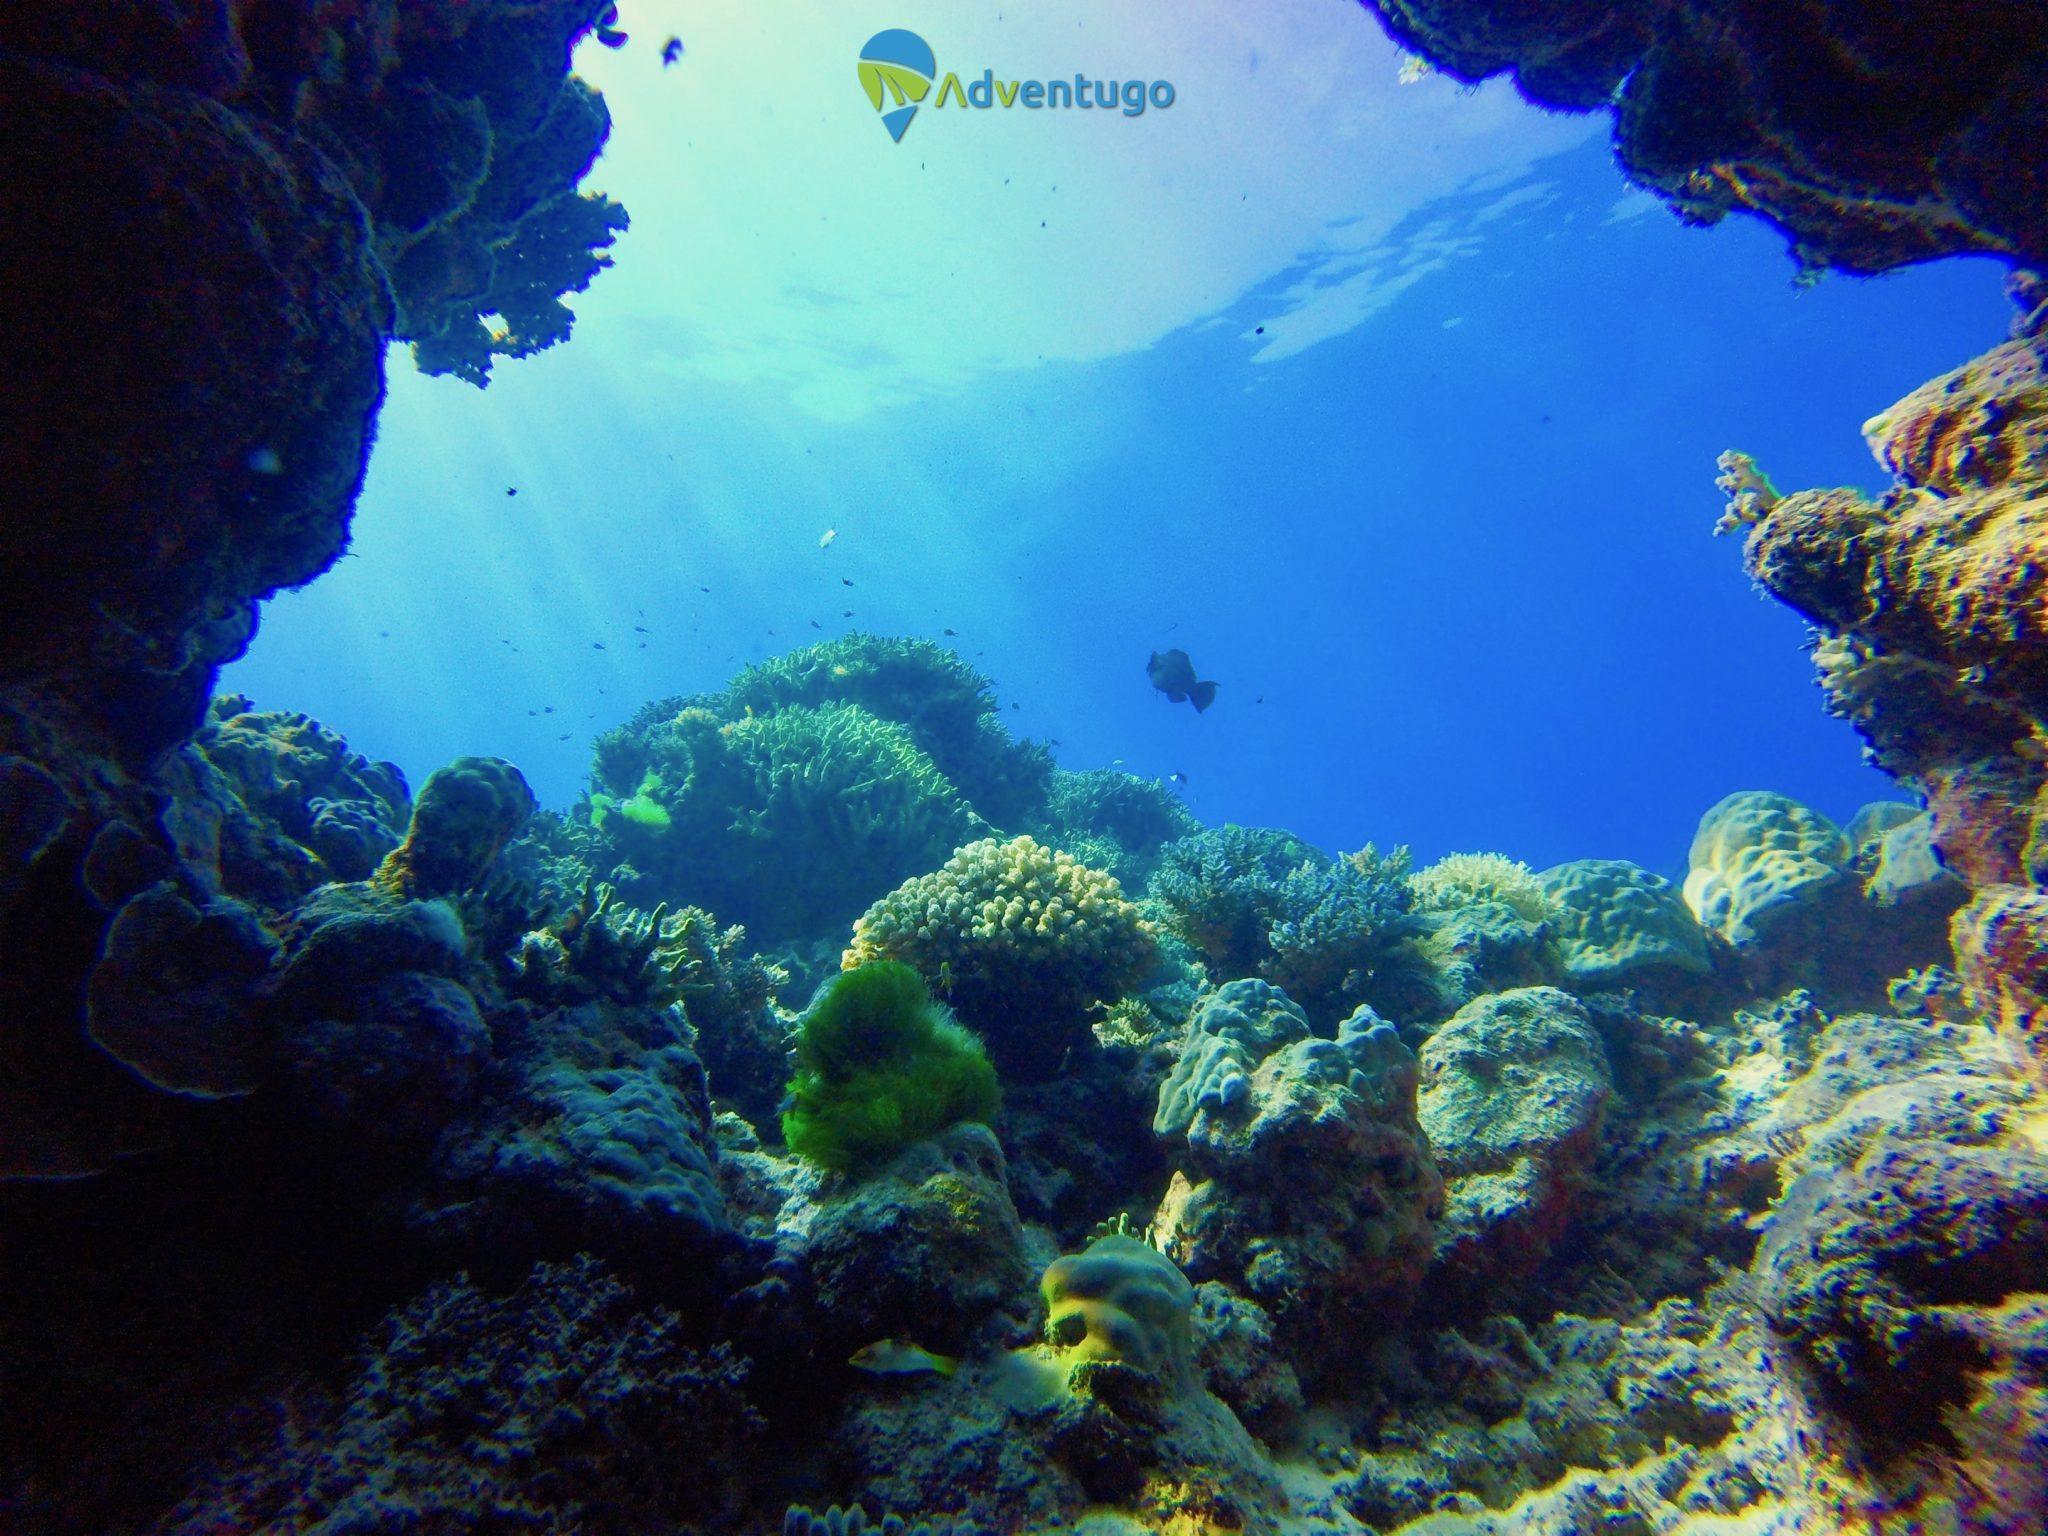 El Nido Scuba Diving, Philippines Scuba Diving